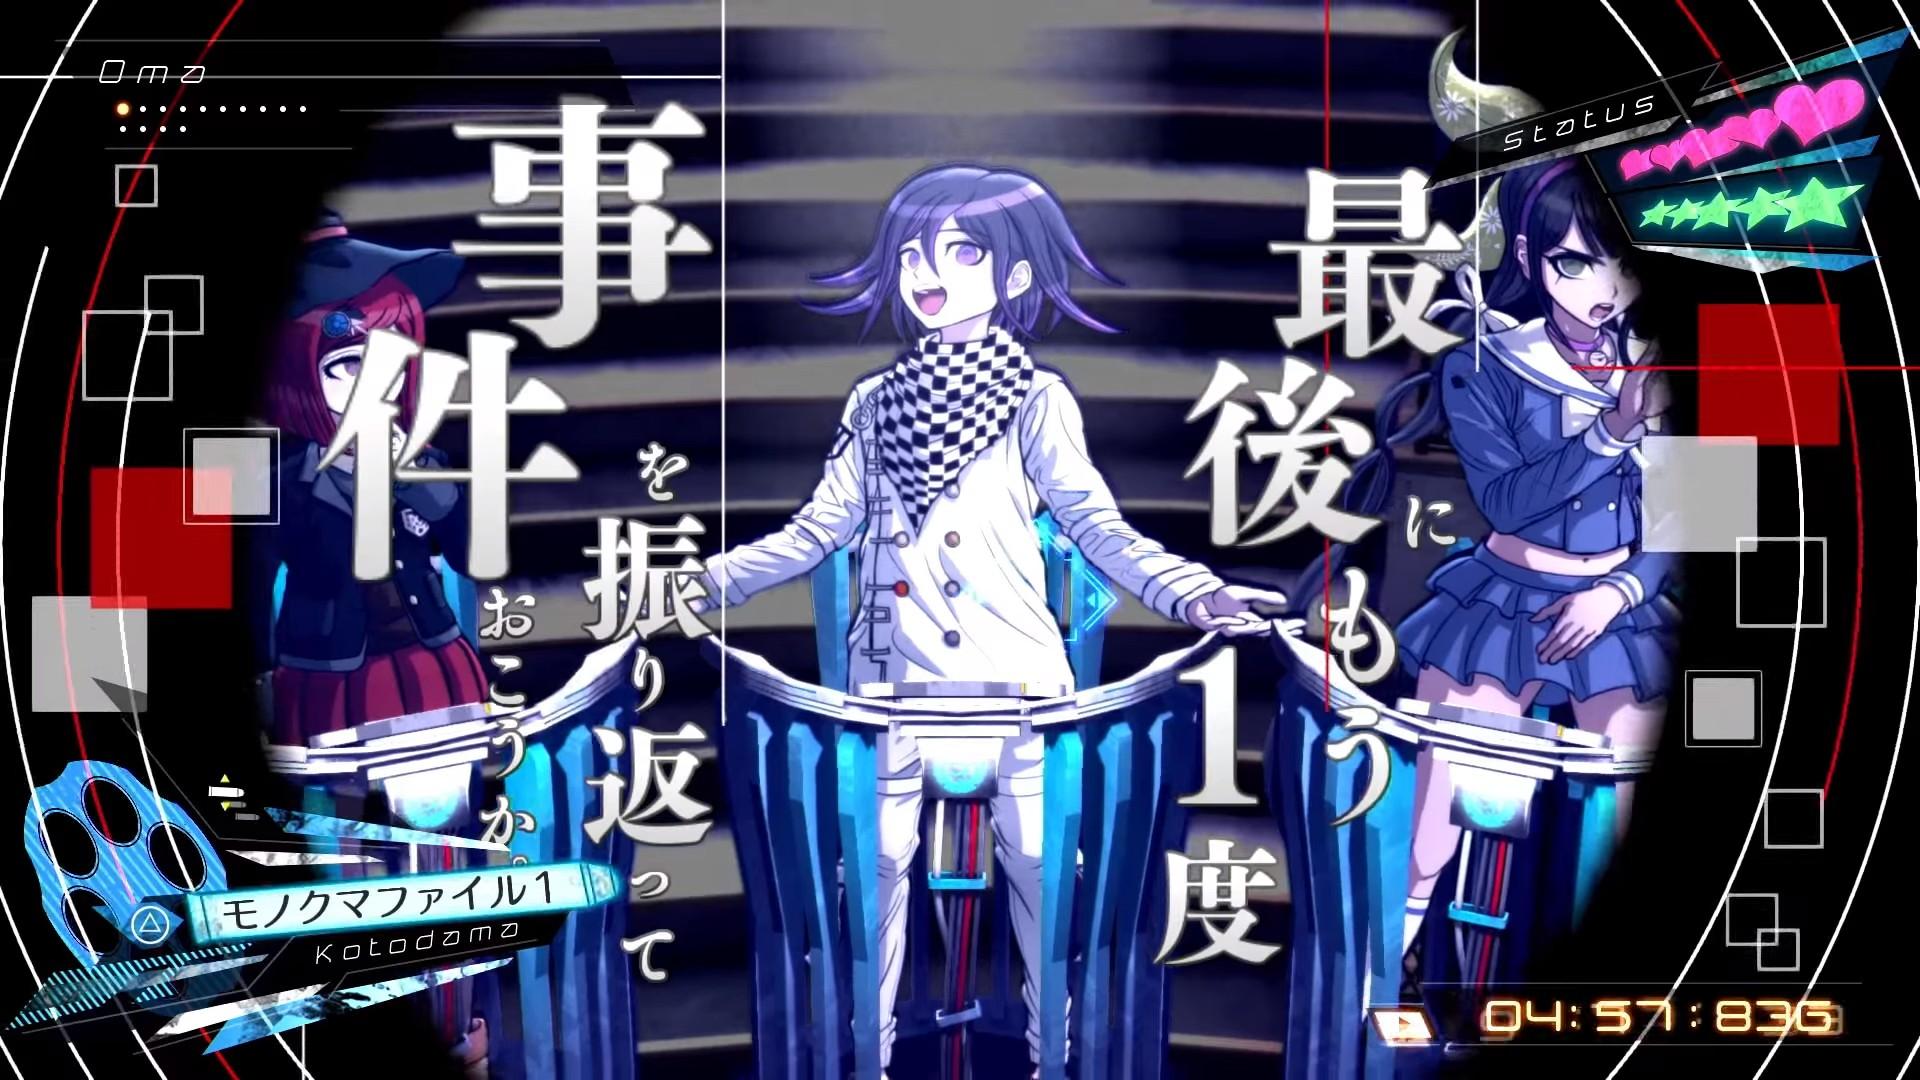 ニューダンガンロンパv3 4名 2体を紹介するキャラクタートレーラー第